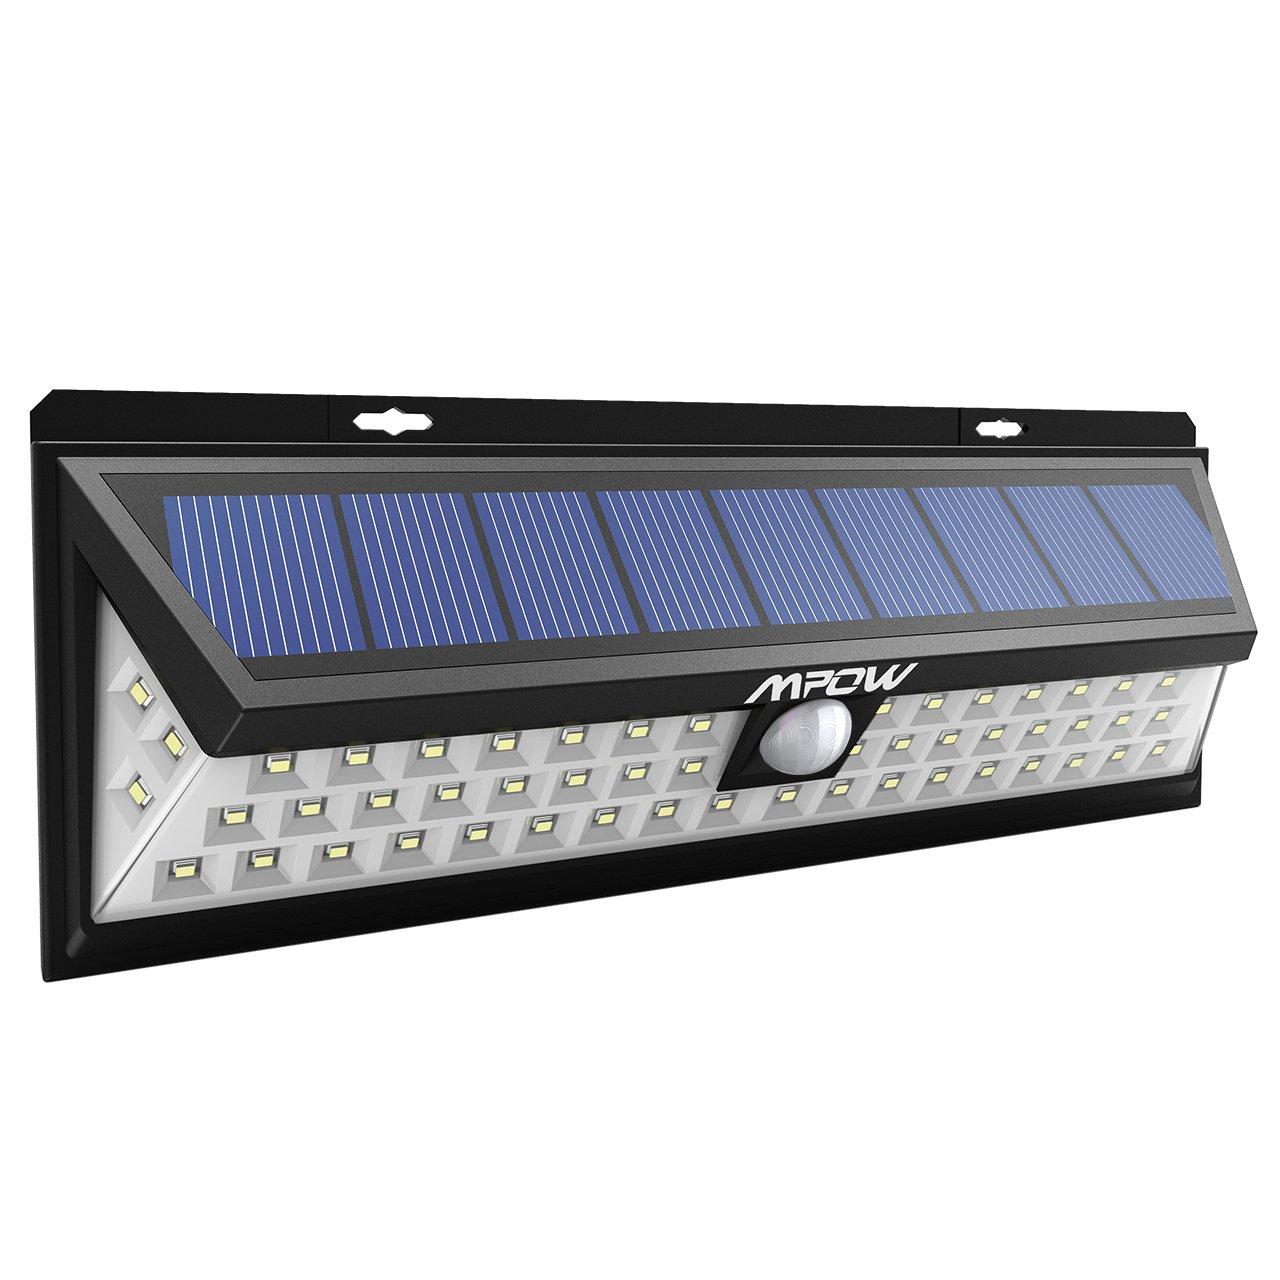 Mpow 54 Led Sicherheitsleuchten Solarbetriebene Lampen Fur Draussen